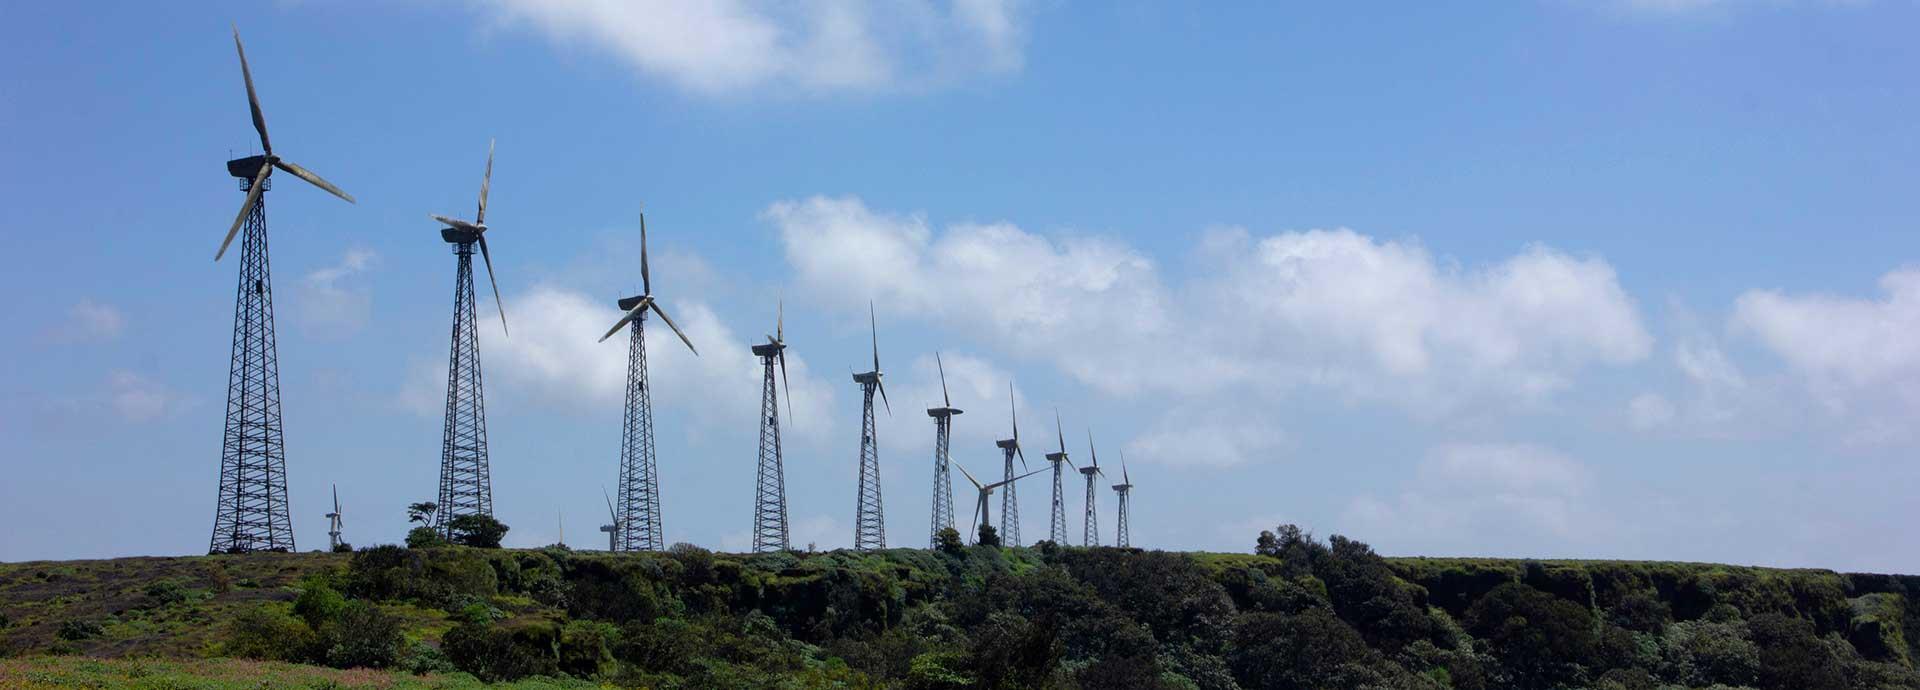 India electrification